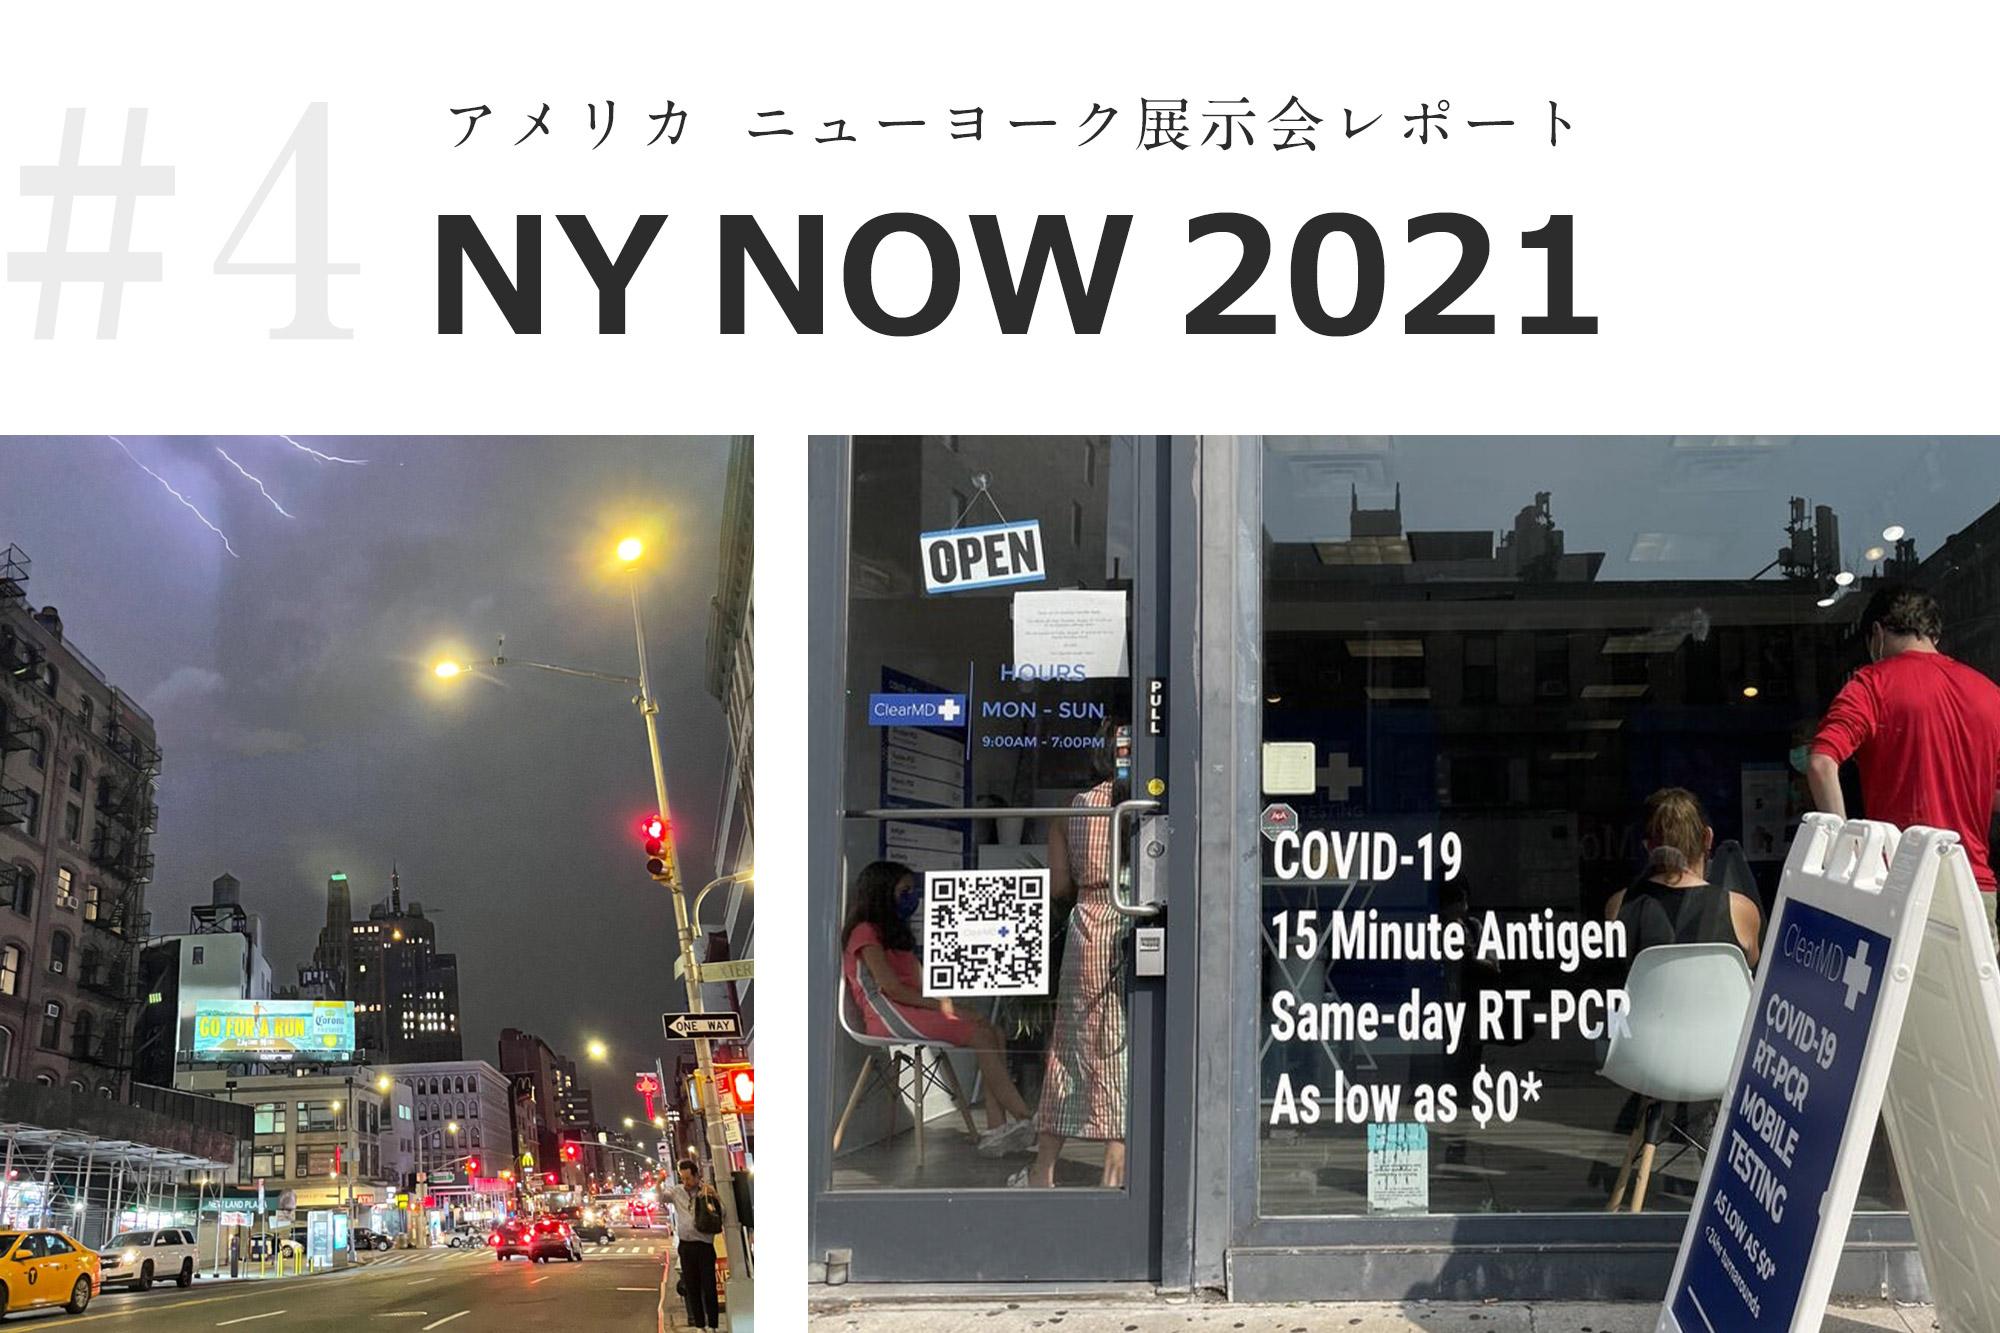 アメリカ ニューヨークでの展示会「NY NOW 2021」 レポート④